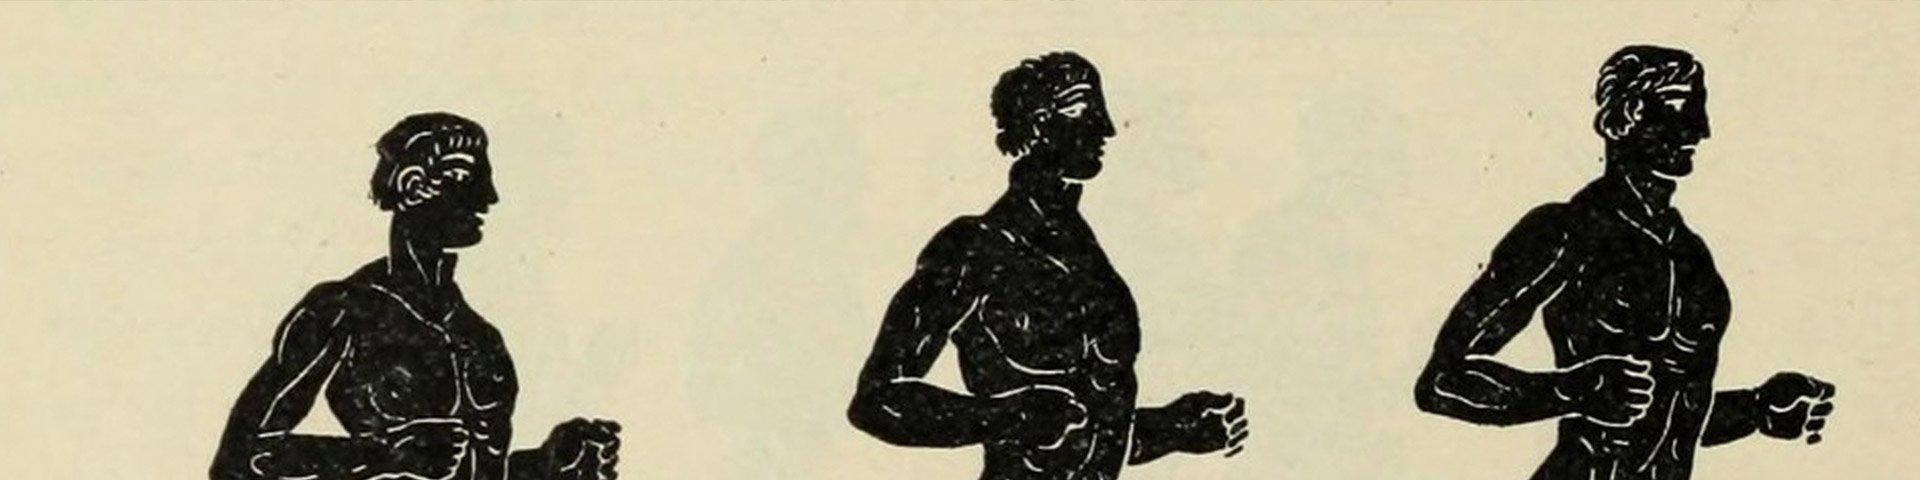 ¿Por qué practicaban el deporte los griegos antiguos?